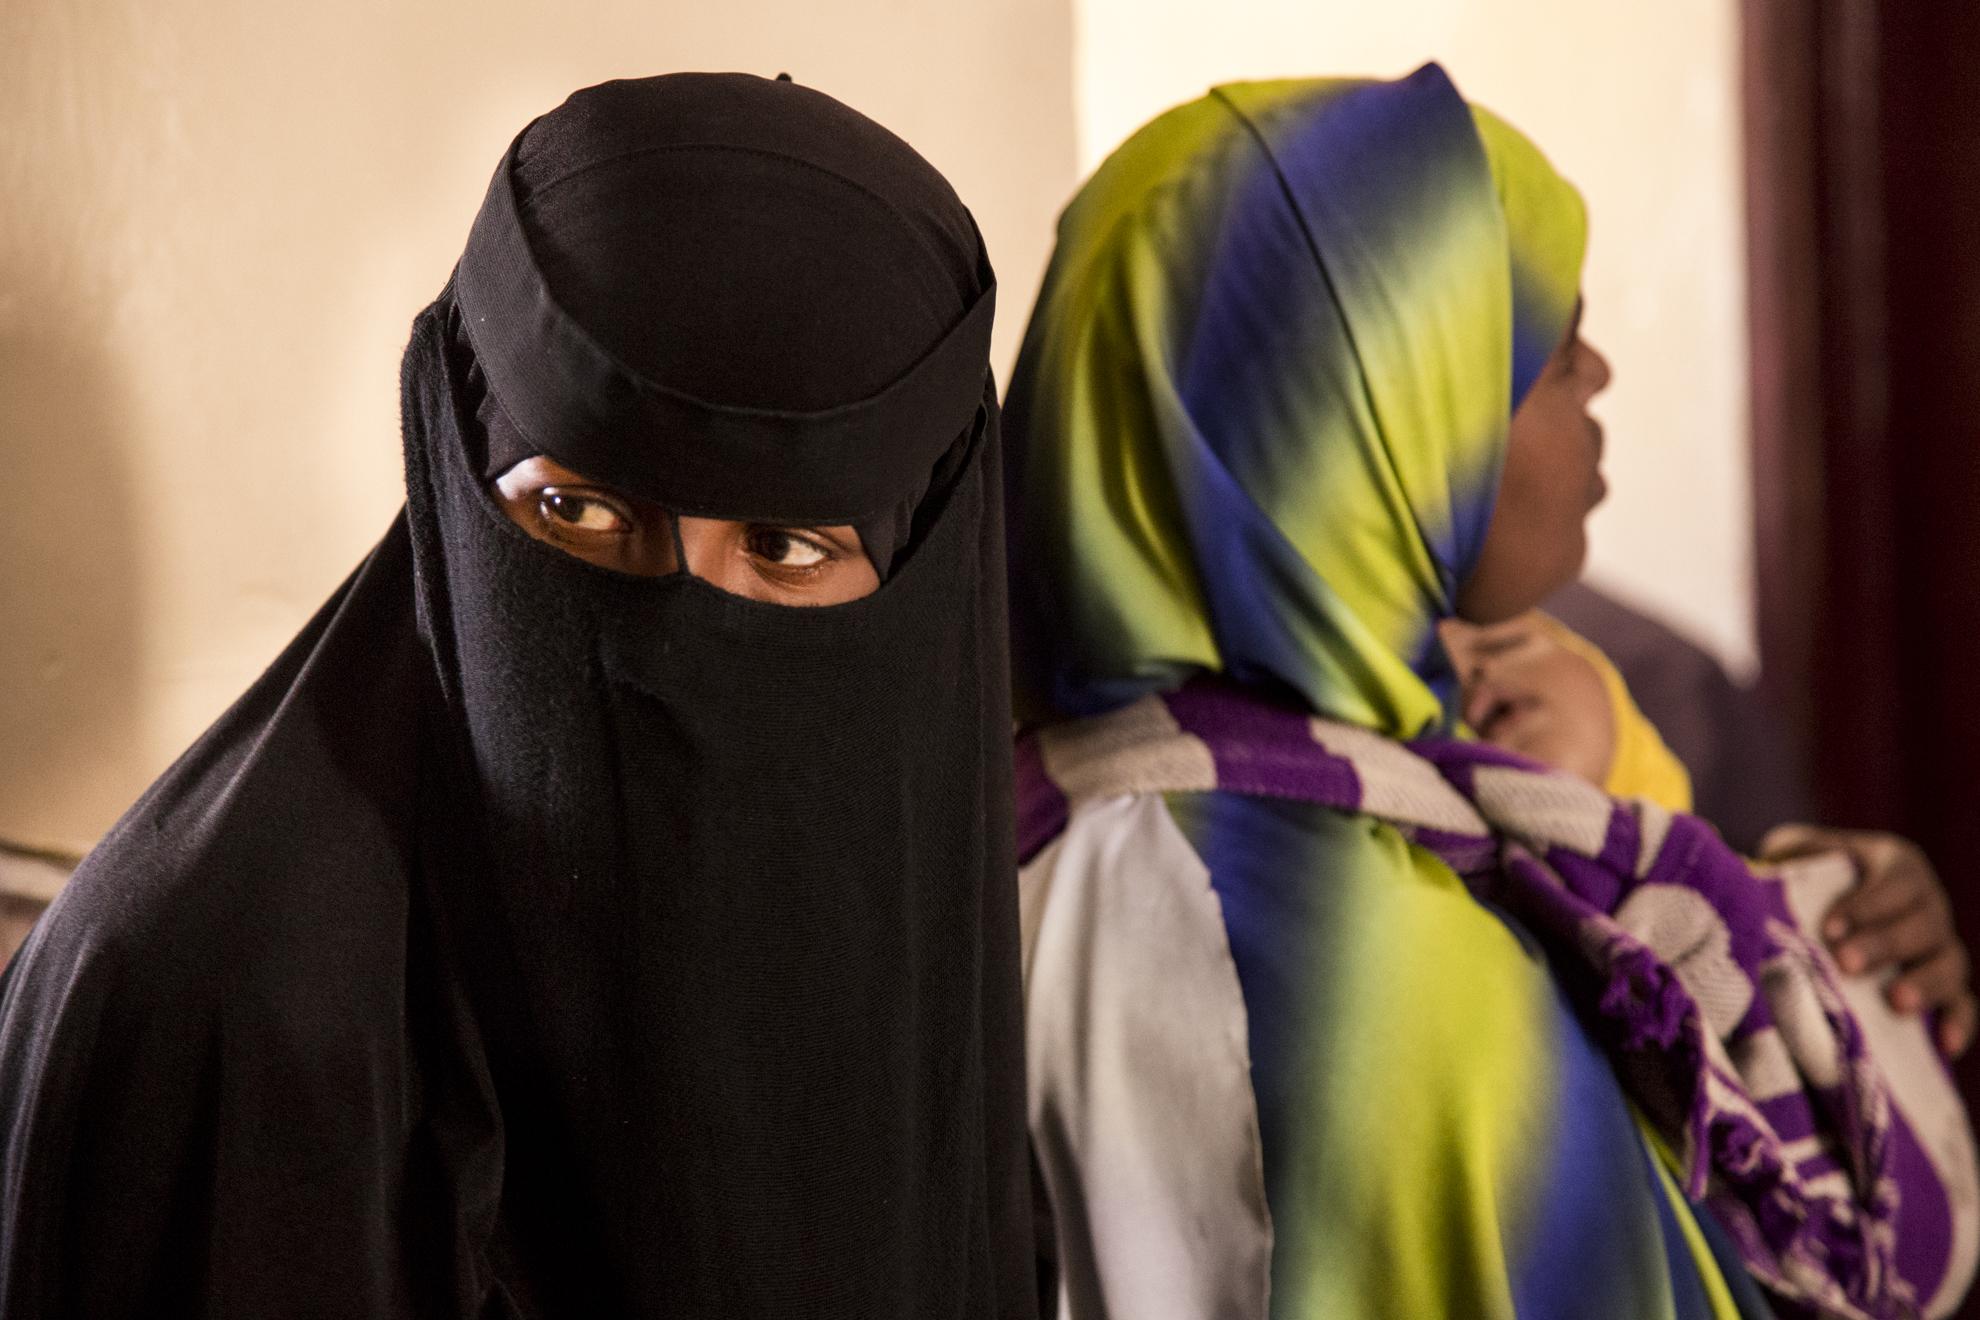 IPPF_Somaliland_ZFlood-7311_005.jpg